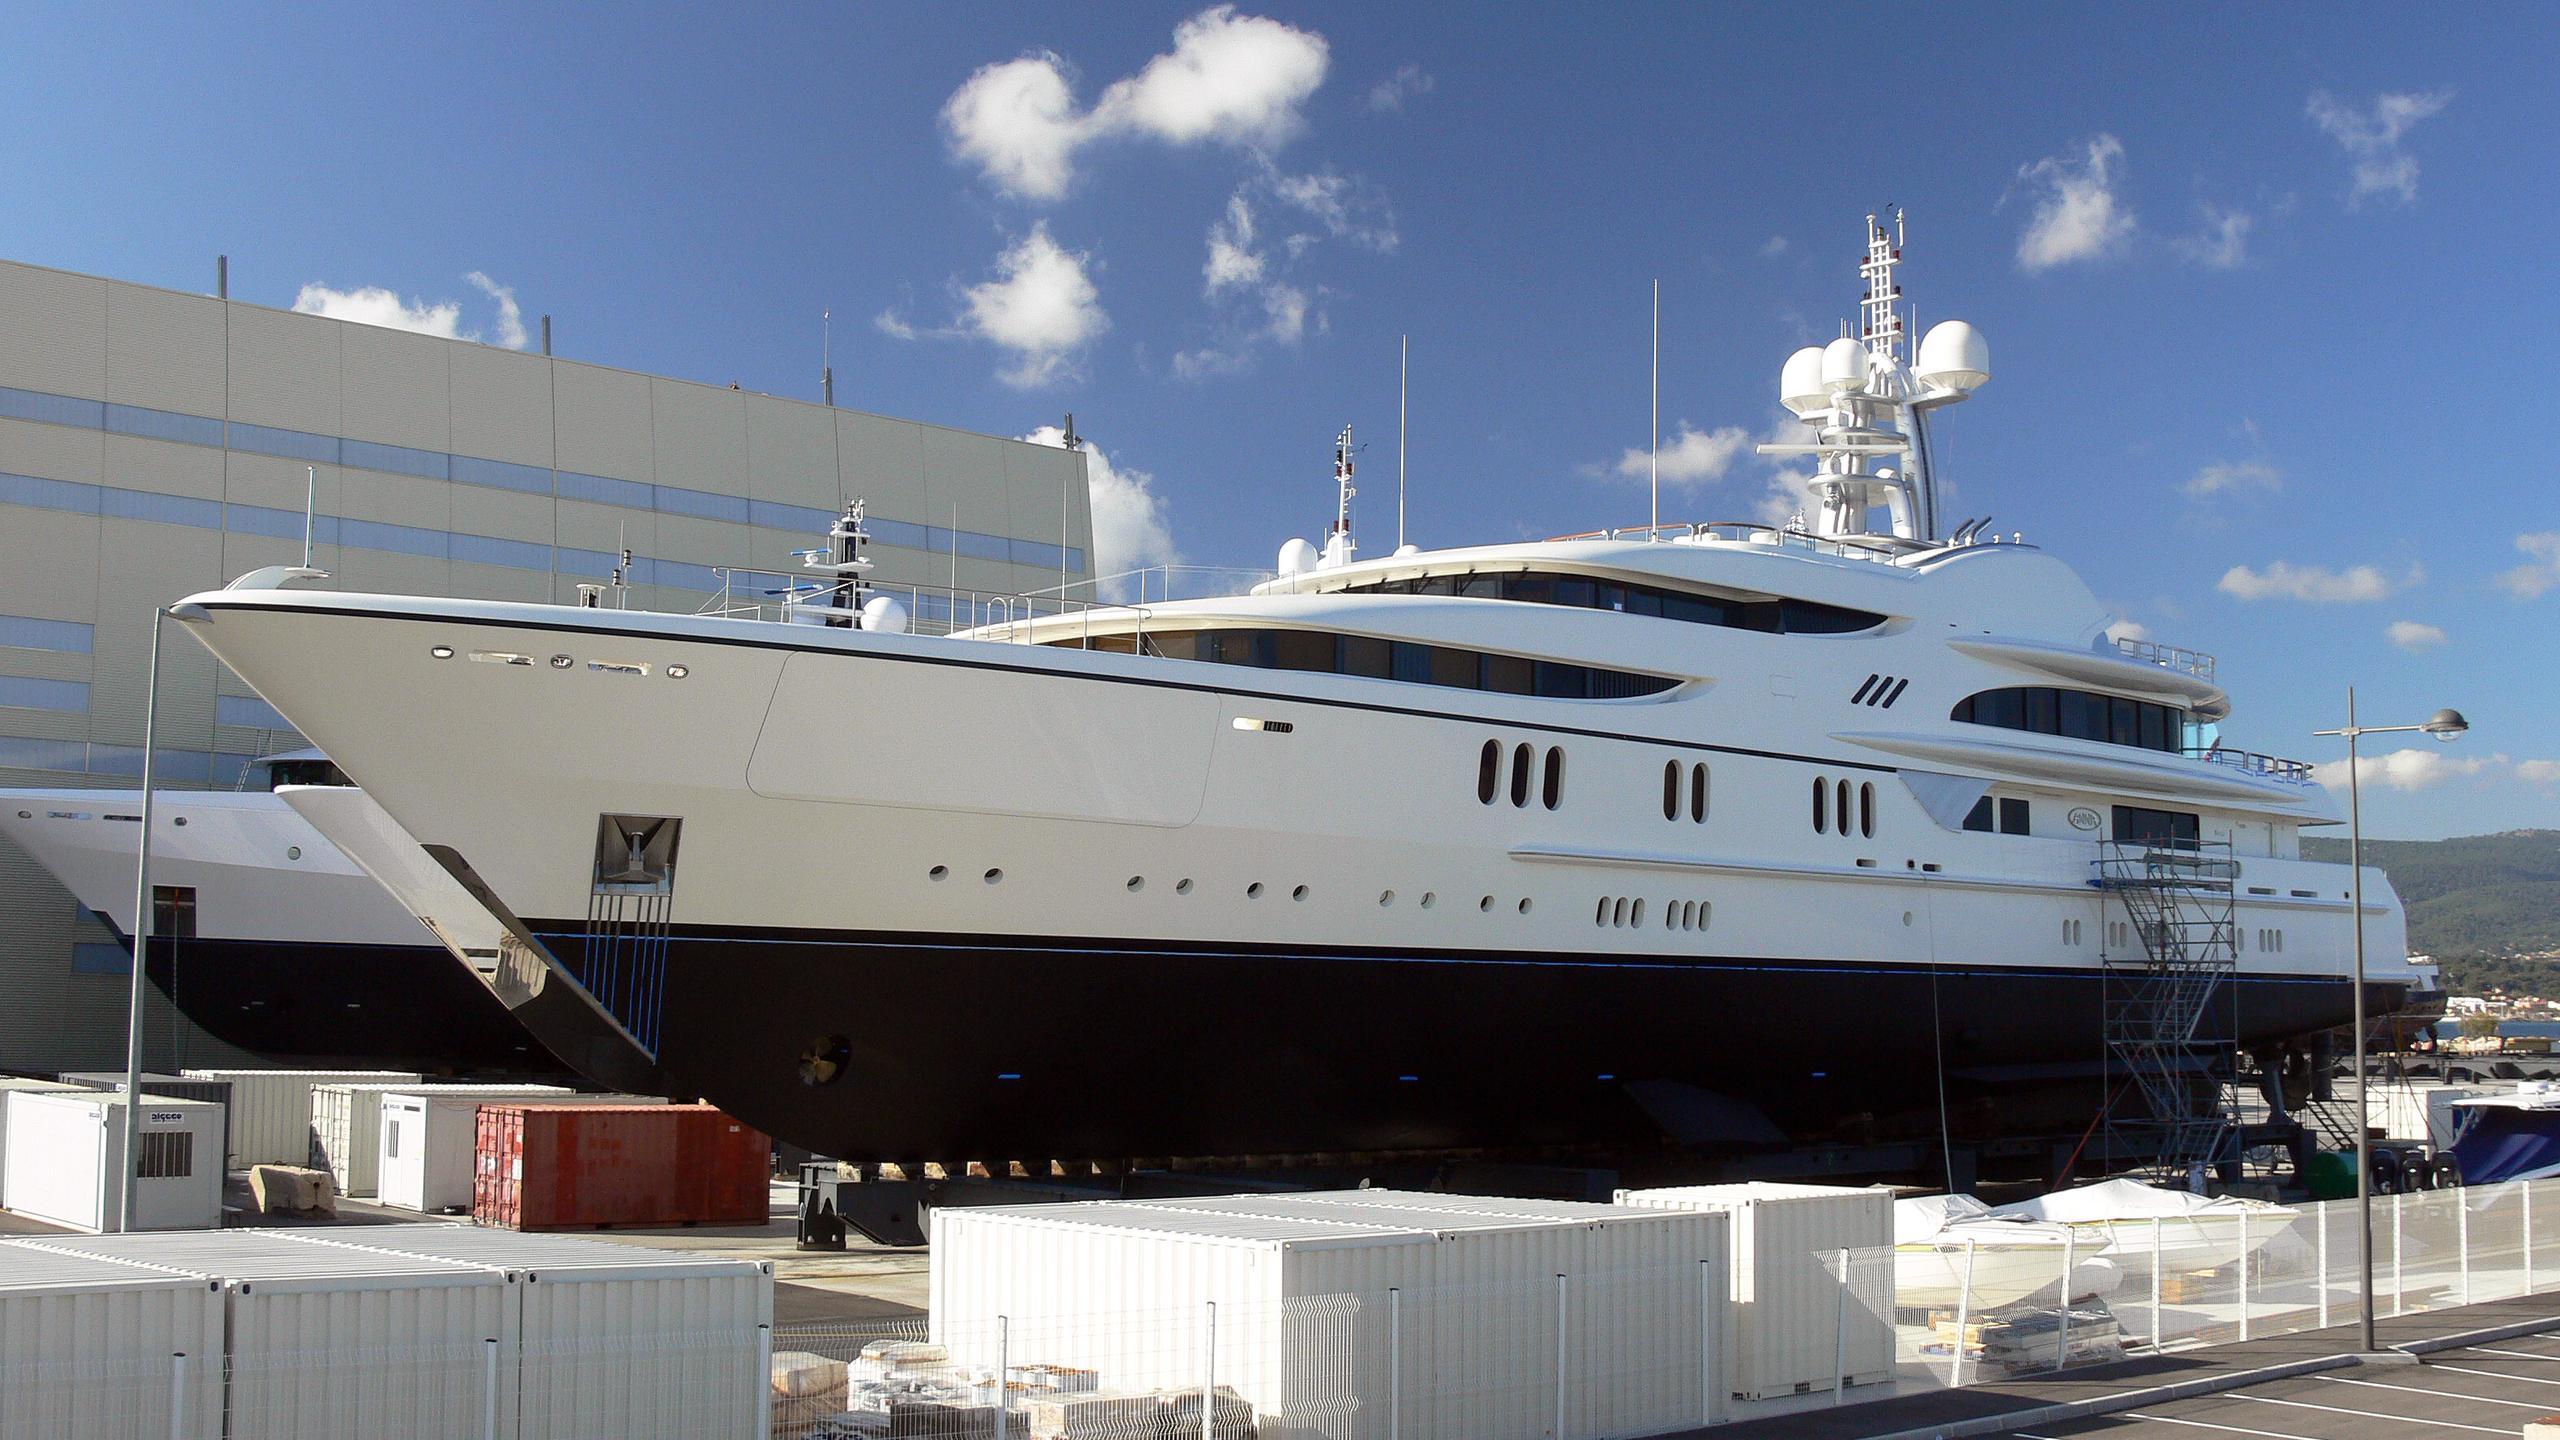 anna-1-anna-motor-yacht-feadship-2007-67m-half-profile-shipyard